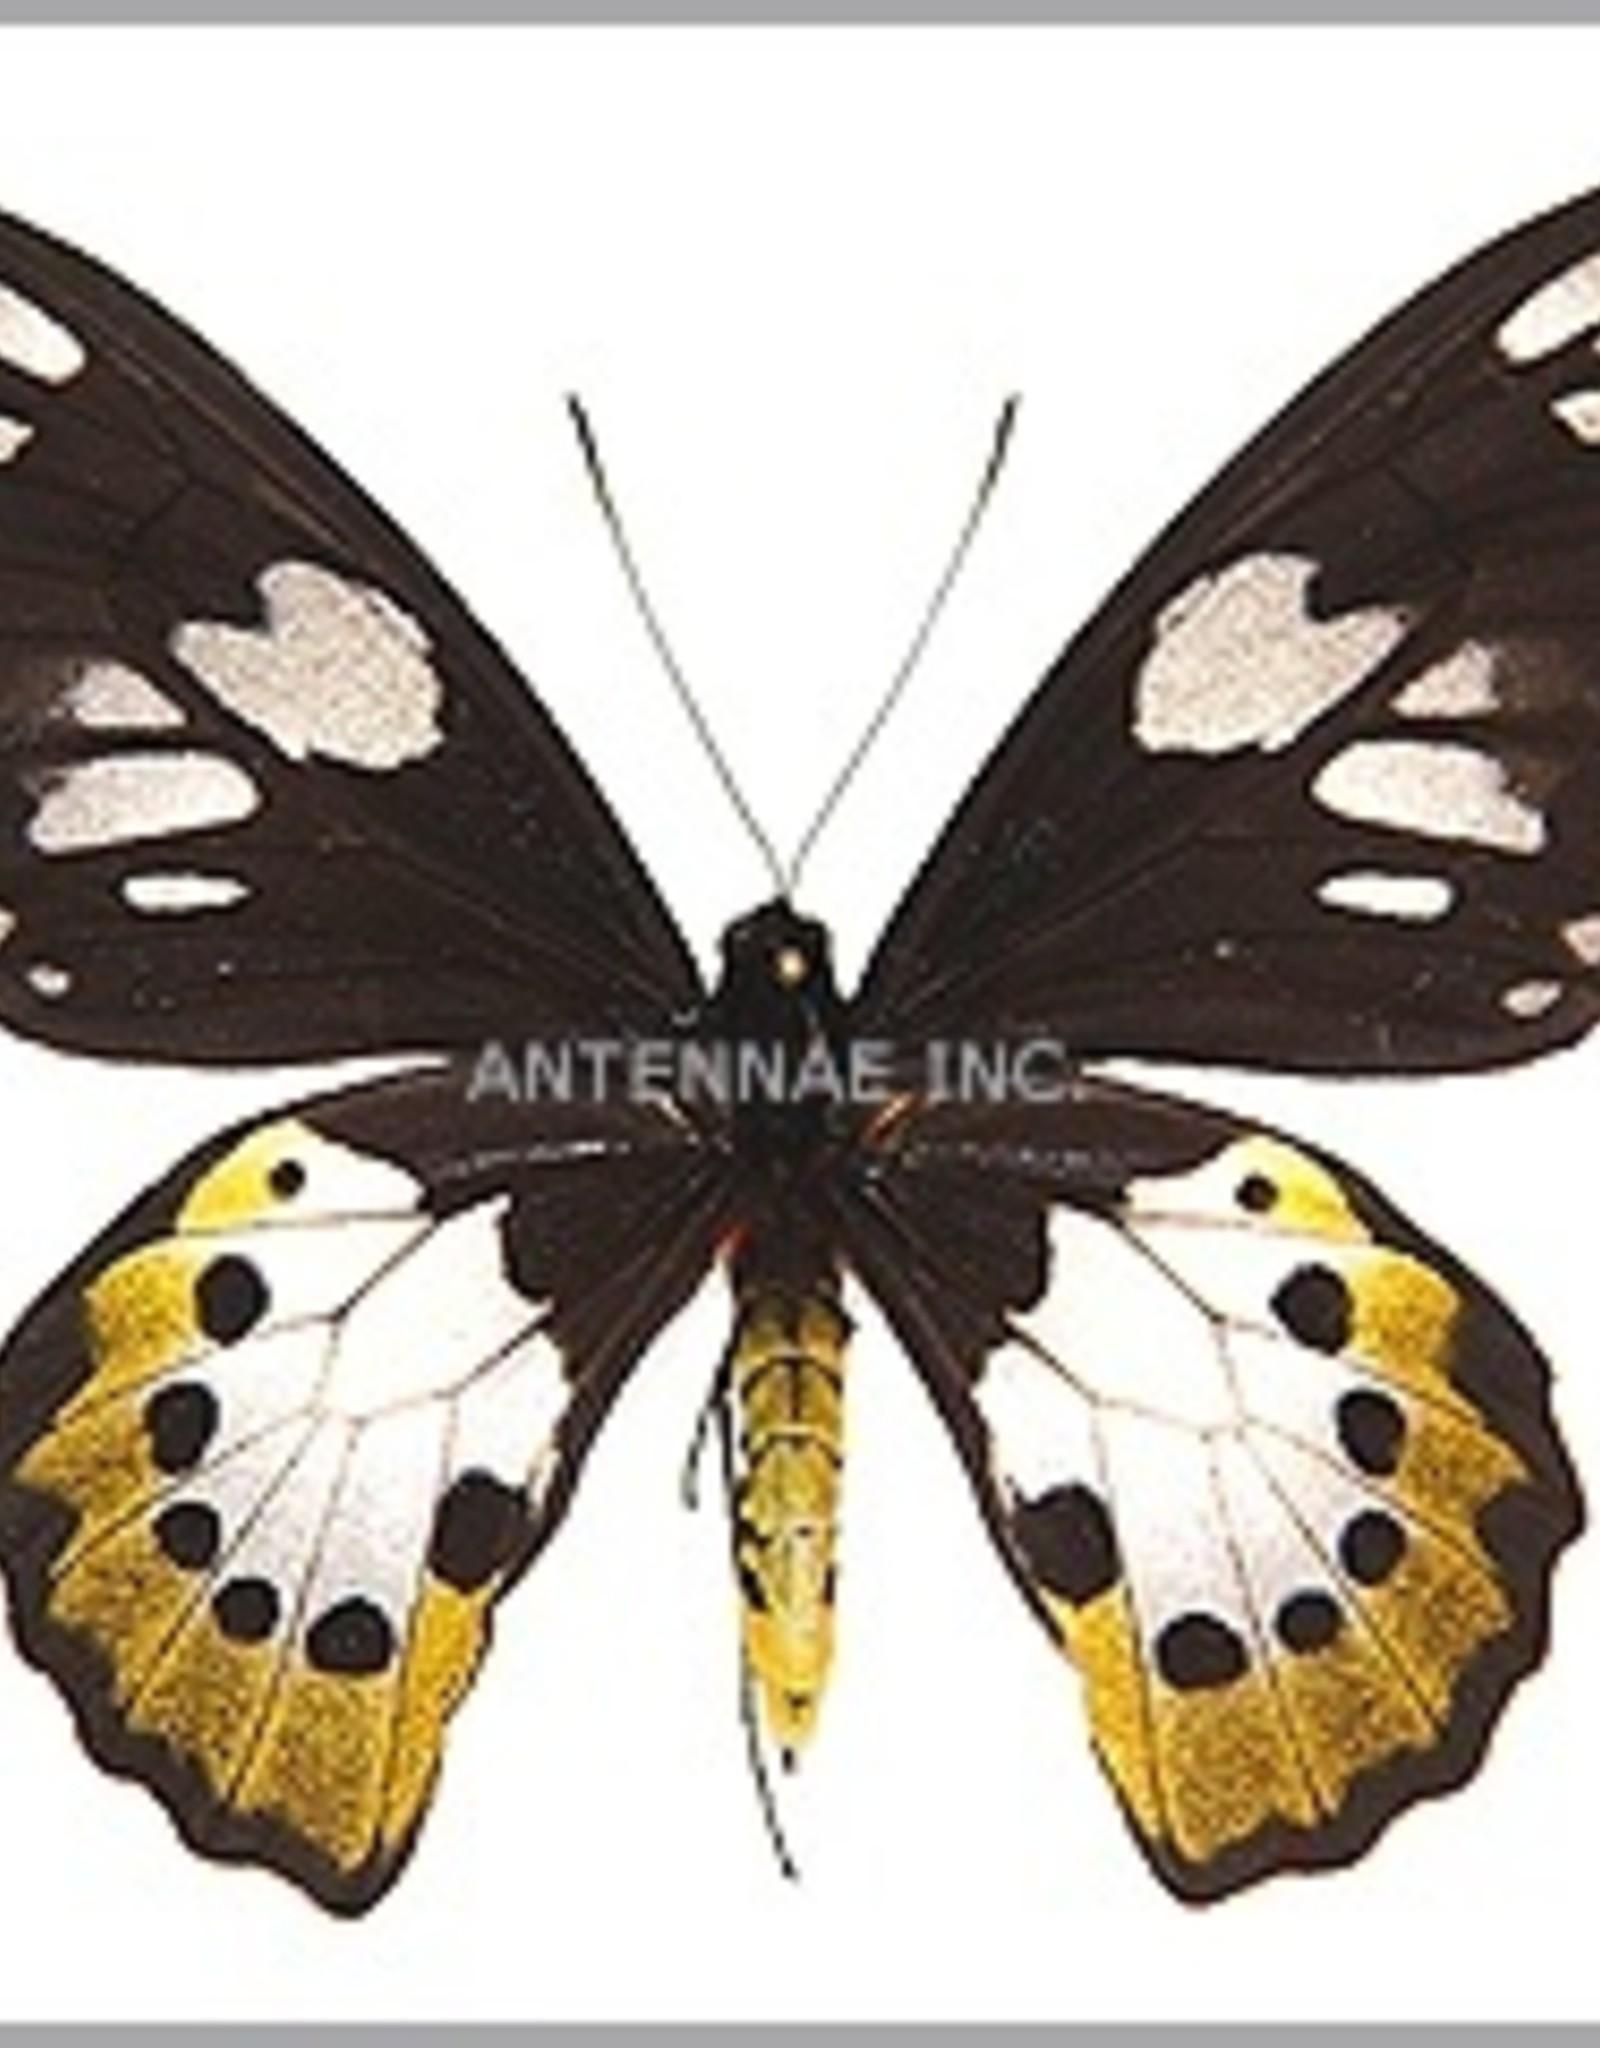 Ornithoptera paradisea arfakensis PAIR A1 Indonesia